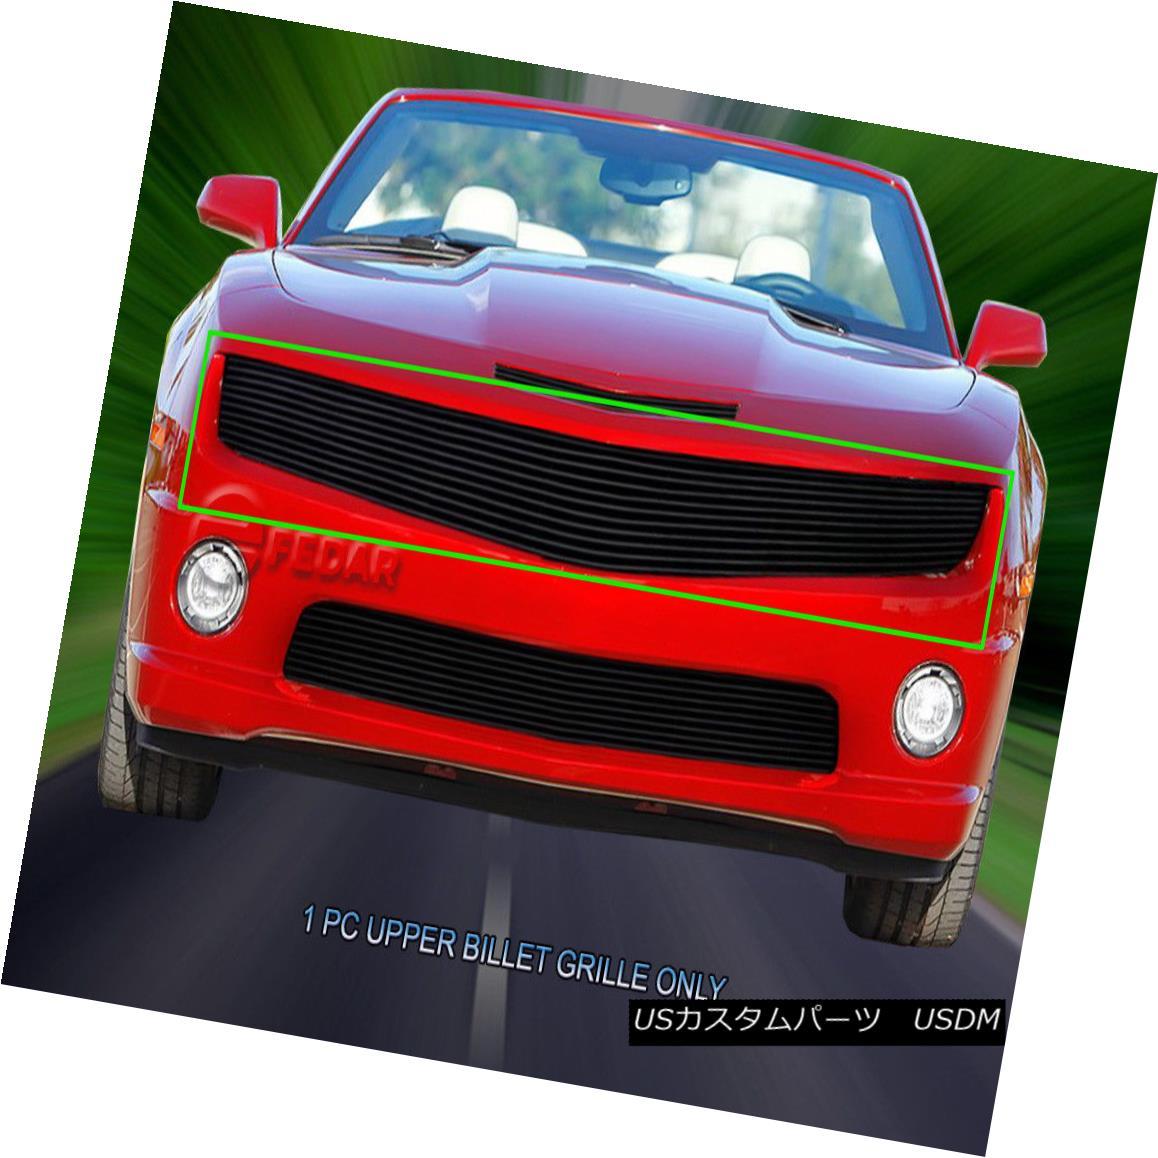 グリル Fedar Fits 2010-2013 Chevy Camaro LT/LS/RS/SS Black Overlay Upper Billet Grille Fedarは2010-2013年を適合させるChevy Camaro LT / LS / RS / SSブラックオーバーレイアッパービレットグリル